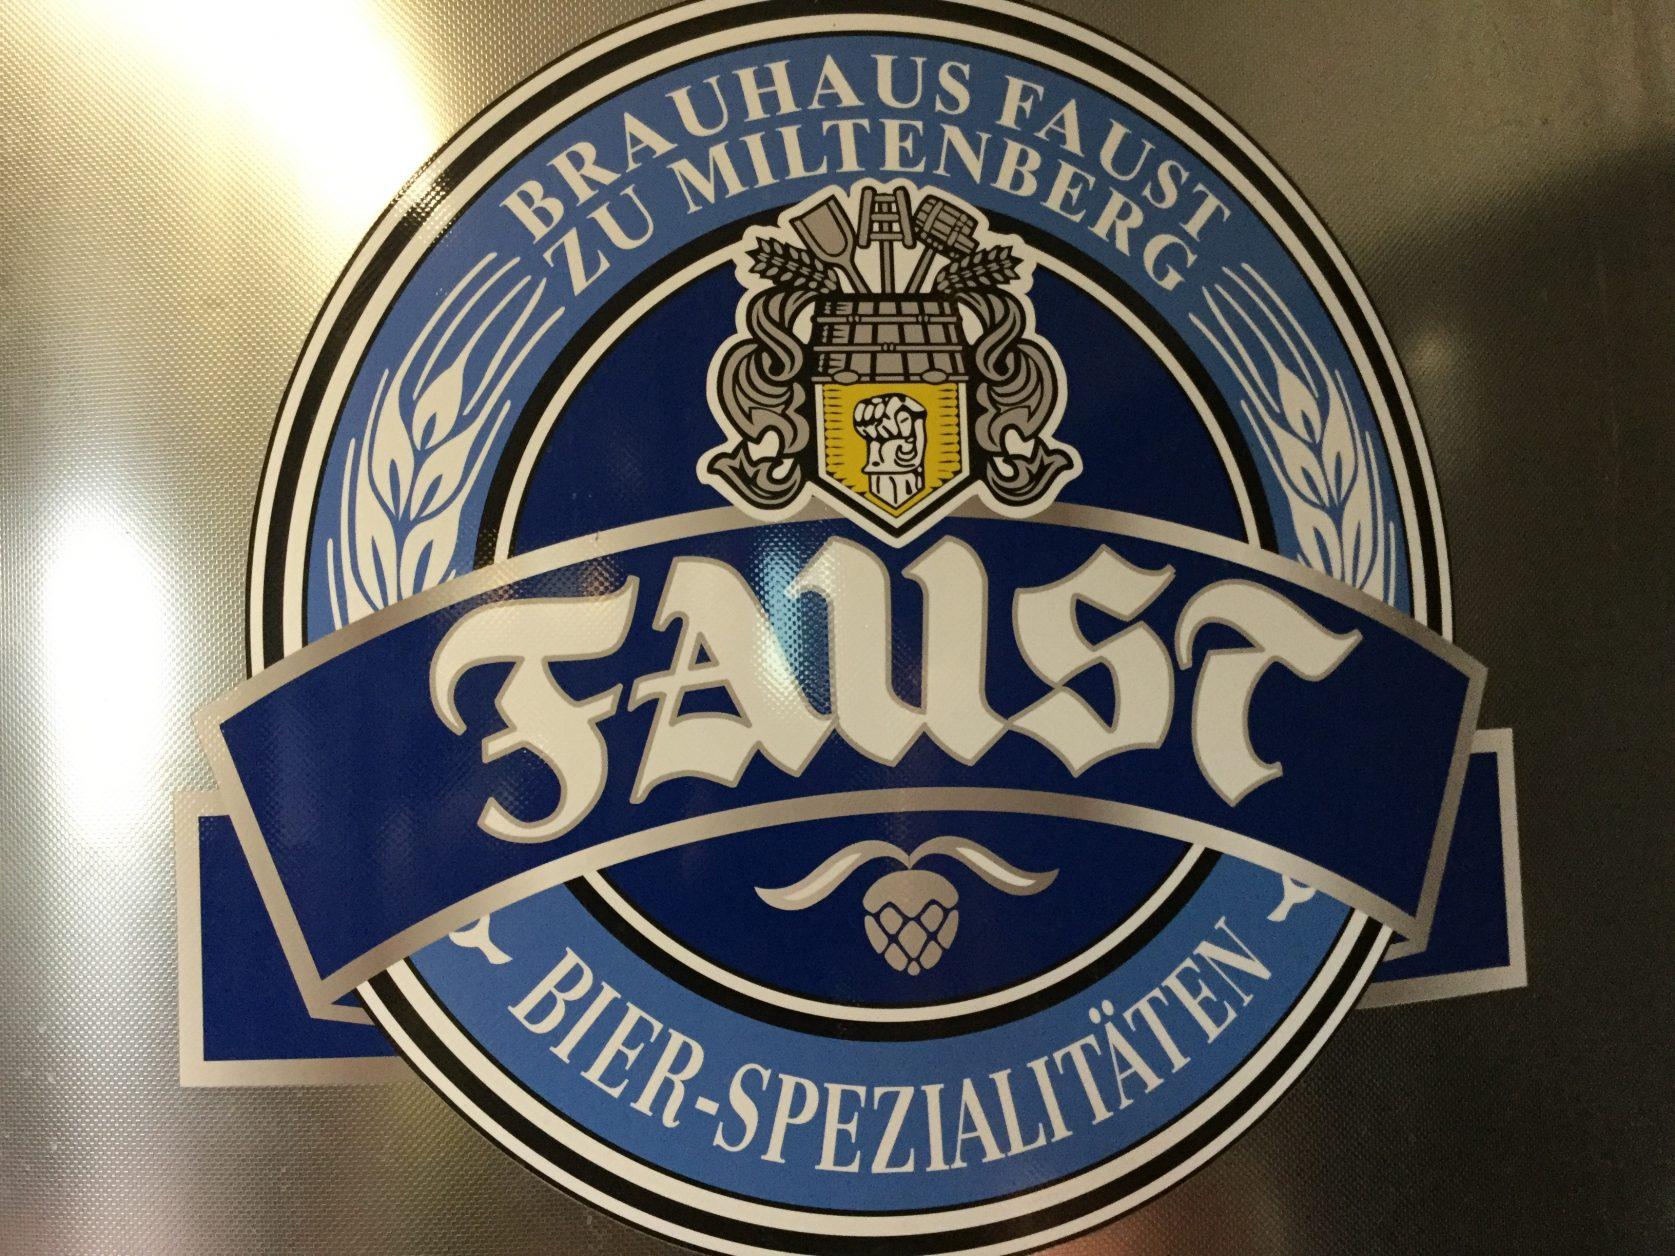 Brauerei Faust in Miltenberg in Churfranken